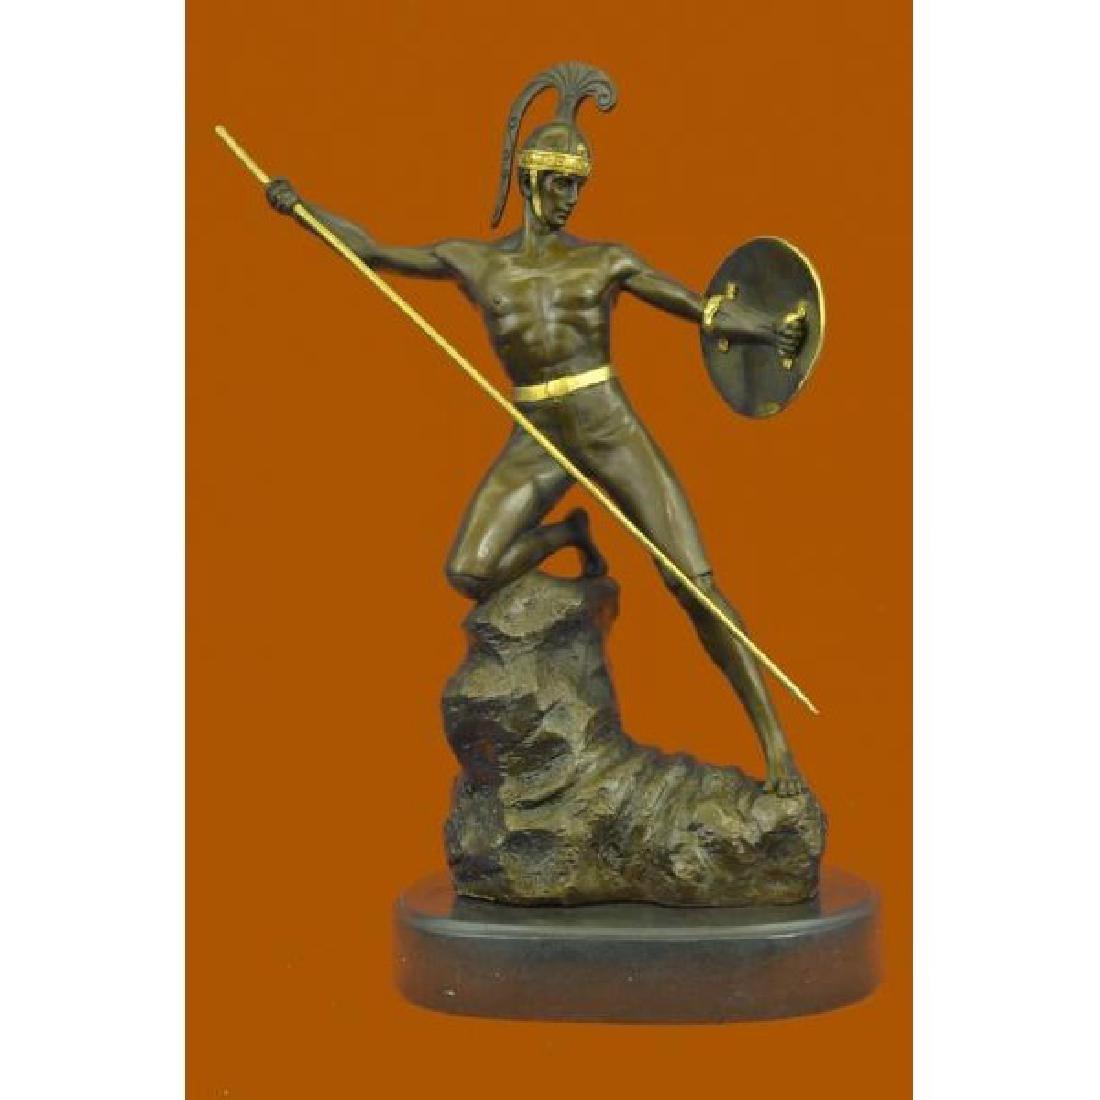 Jensen Handsome Nude Roman Warrior Bronze Sculpture